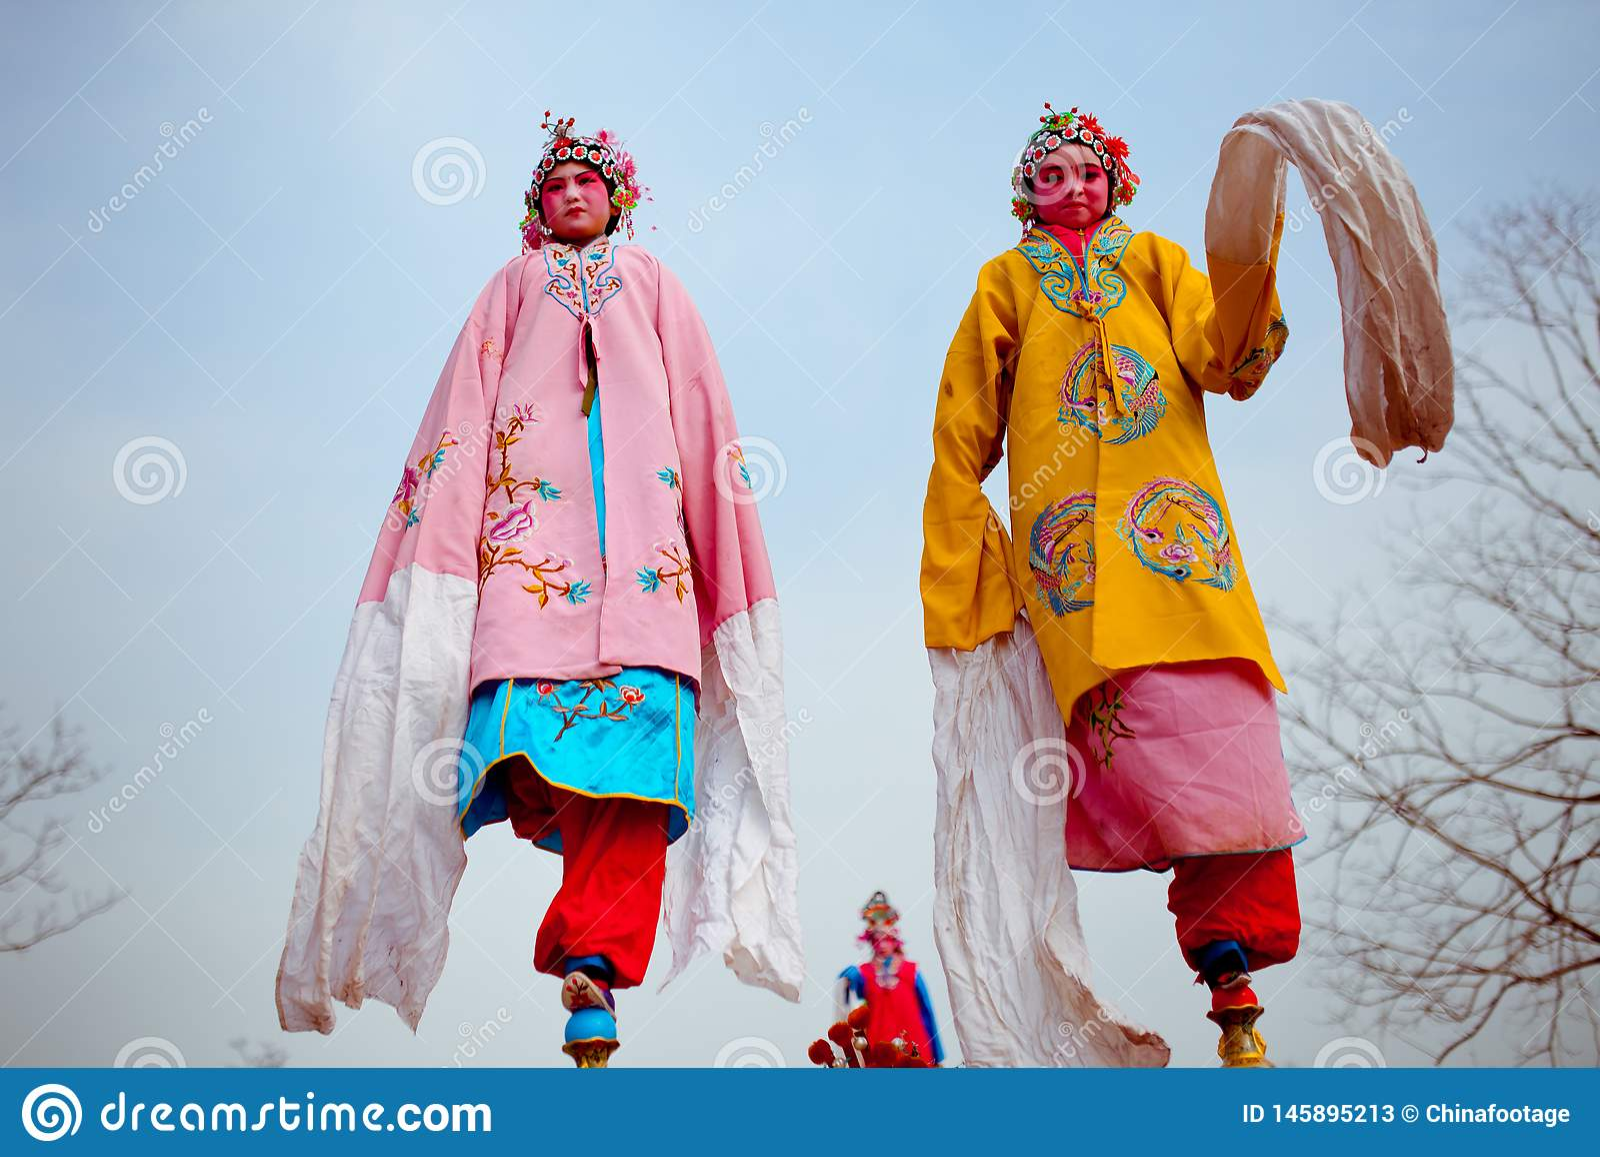 Xi??an, China 13 de fevereiro, artista popular Shehuo de execu??o, Shehuo ? uma heran?a cultural nonmaterial para comemorar o ano